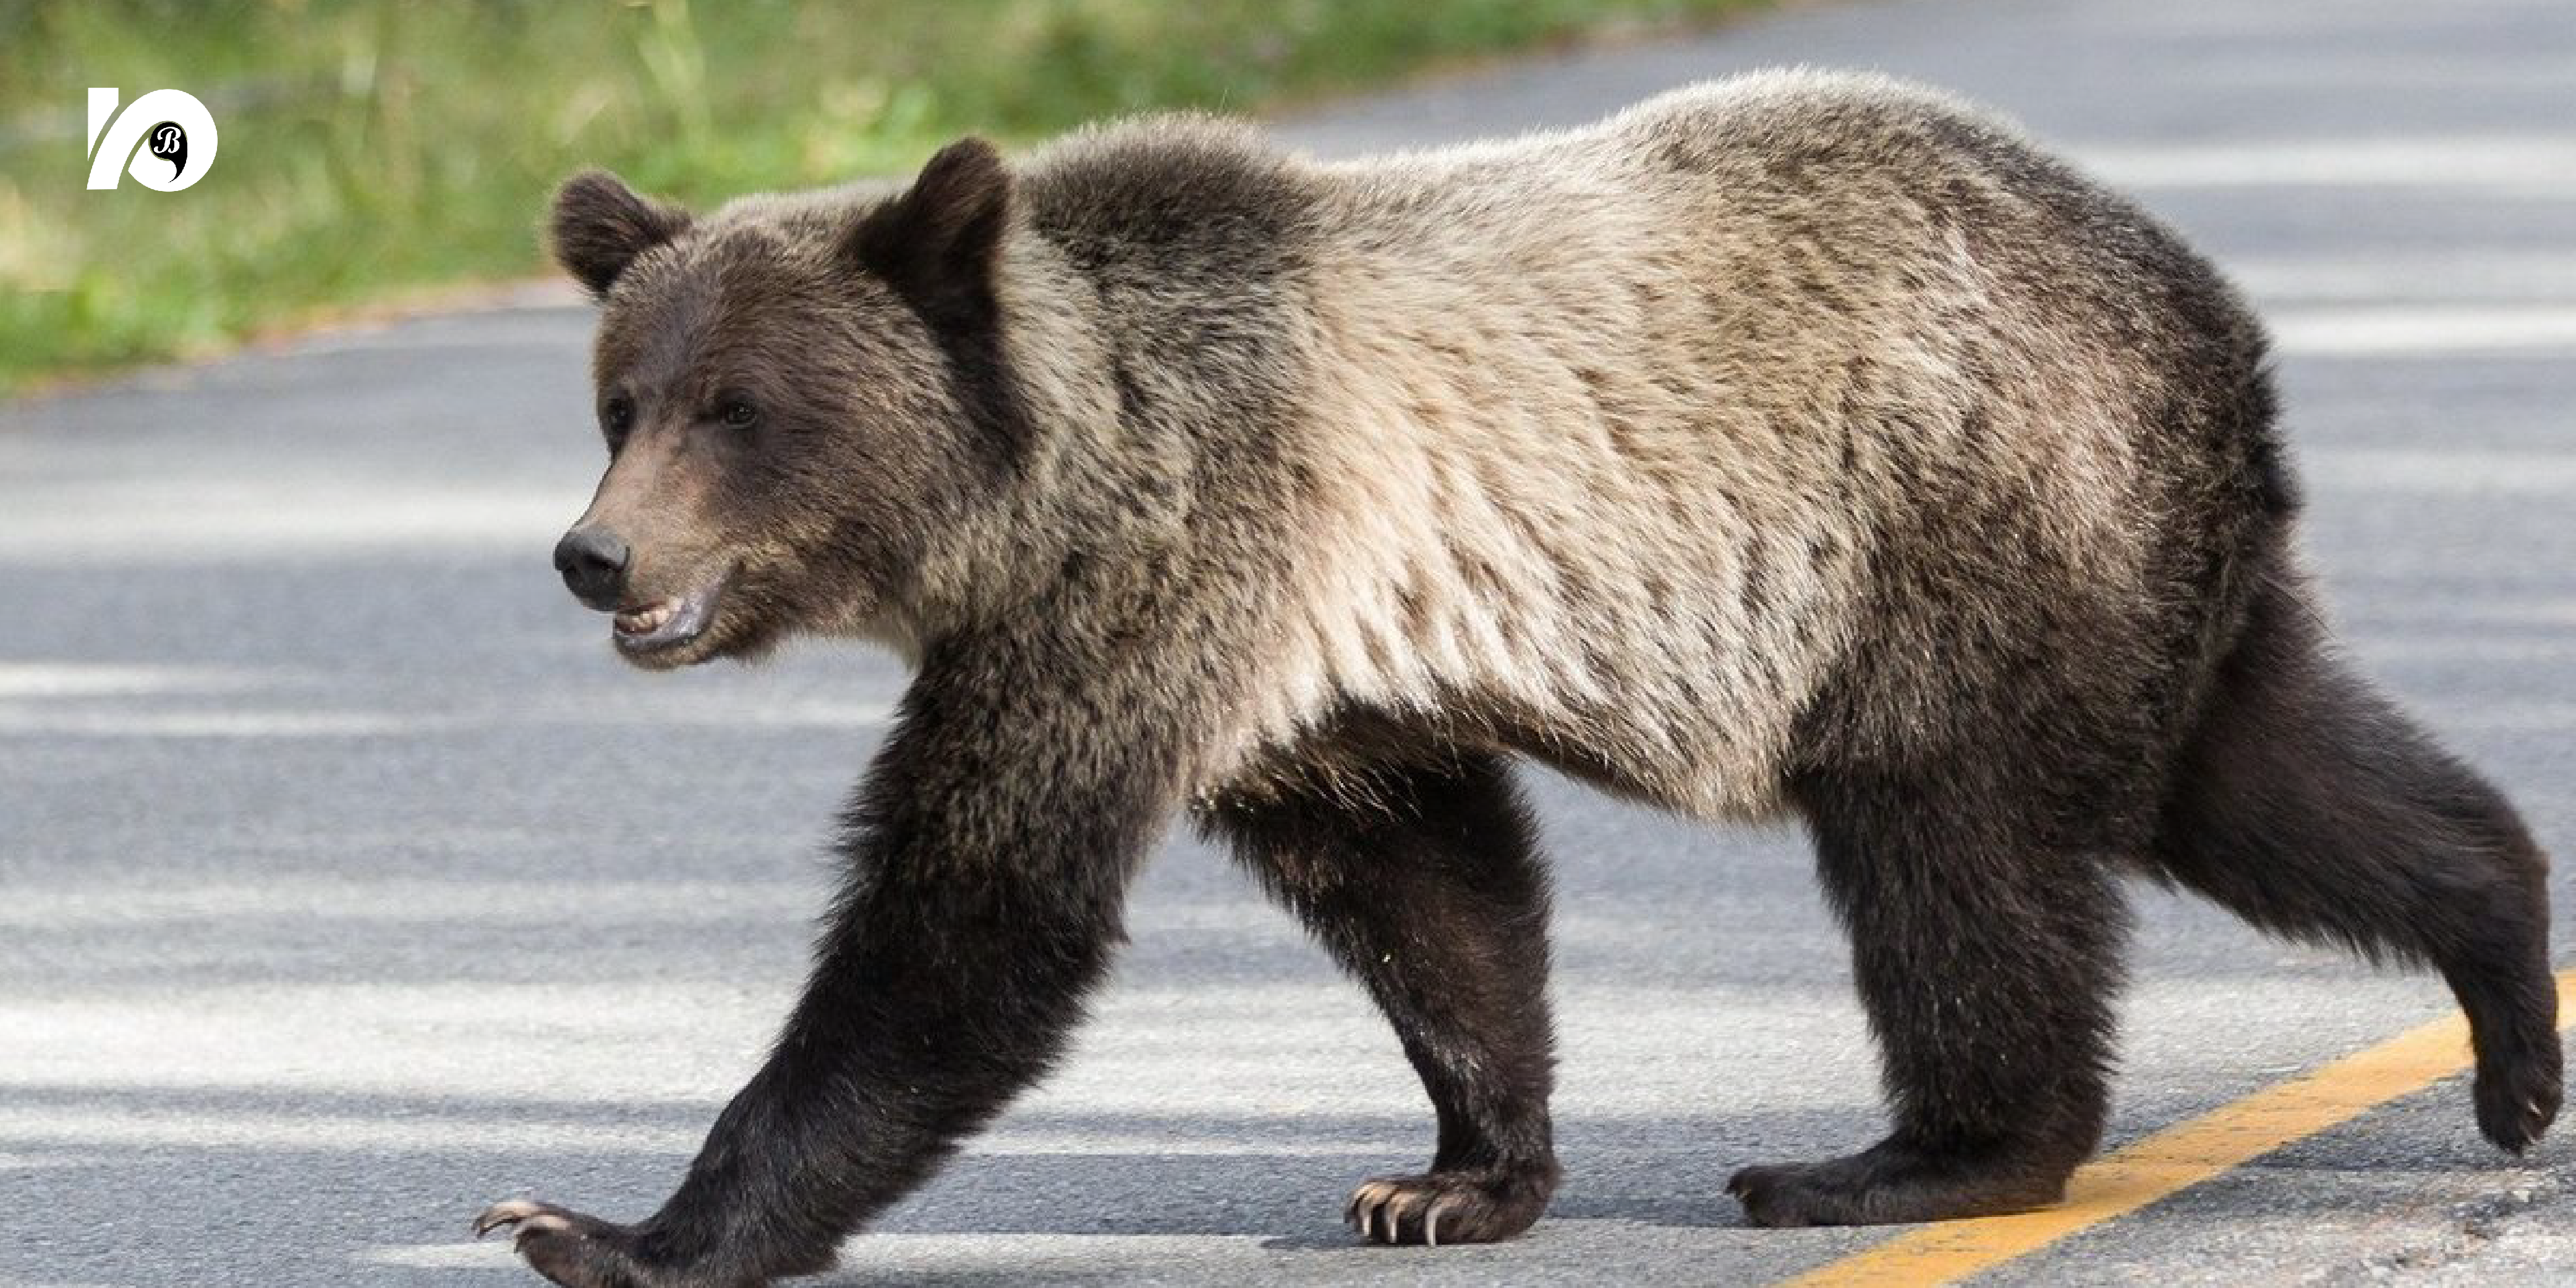 Жителей Югорска призывают быть бдительными и осторожными. Охотник Роман Якимов сообщил, что медведи вновь стали появляться в городе и его ближайших окрестностях.